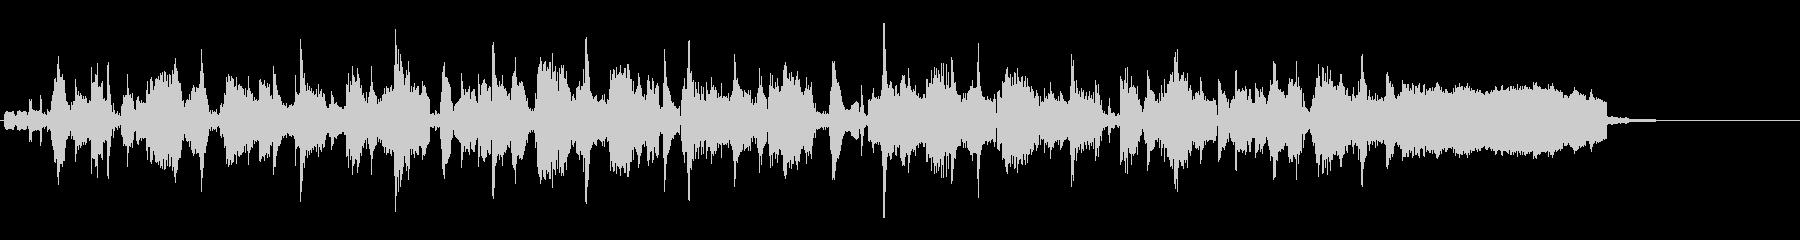 DJのスクラッチが特徴のLofiジングルの未再生の波形